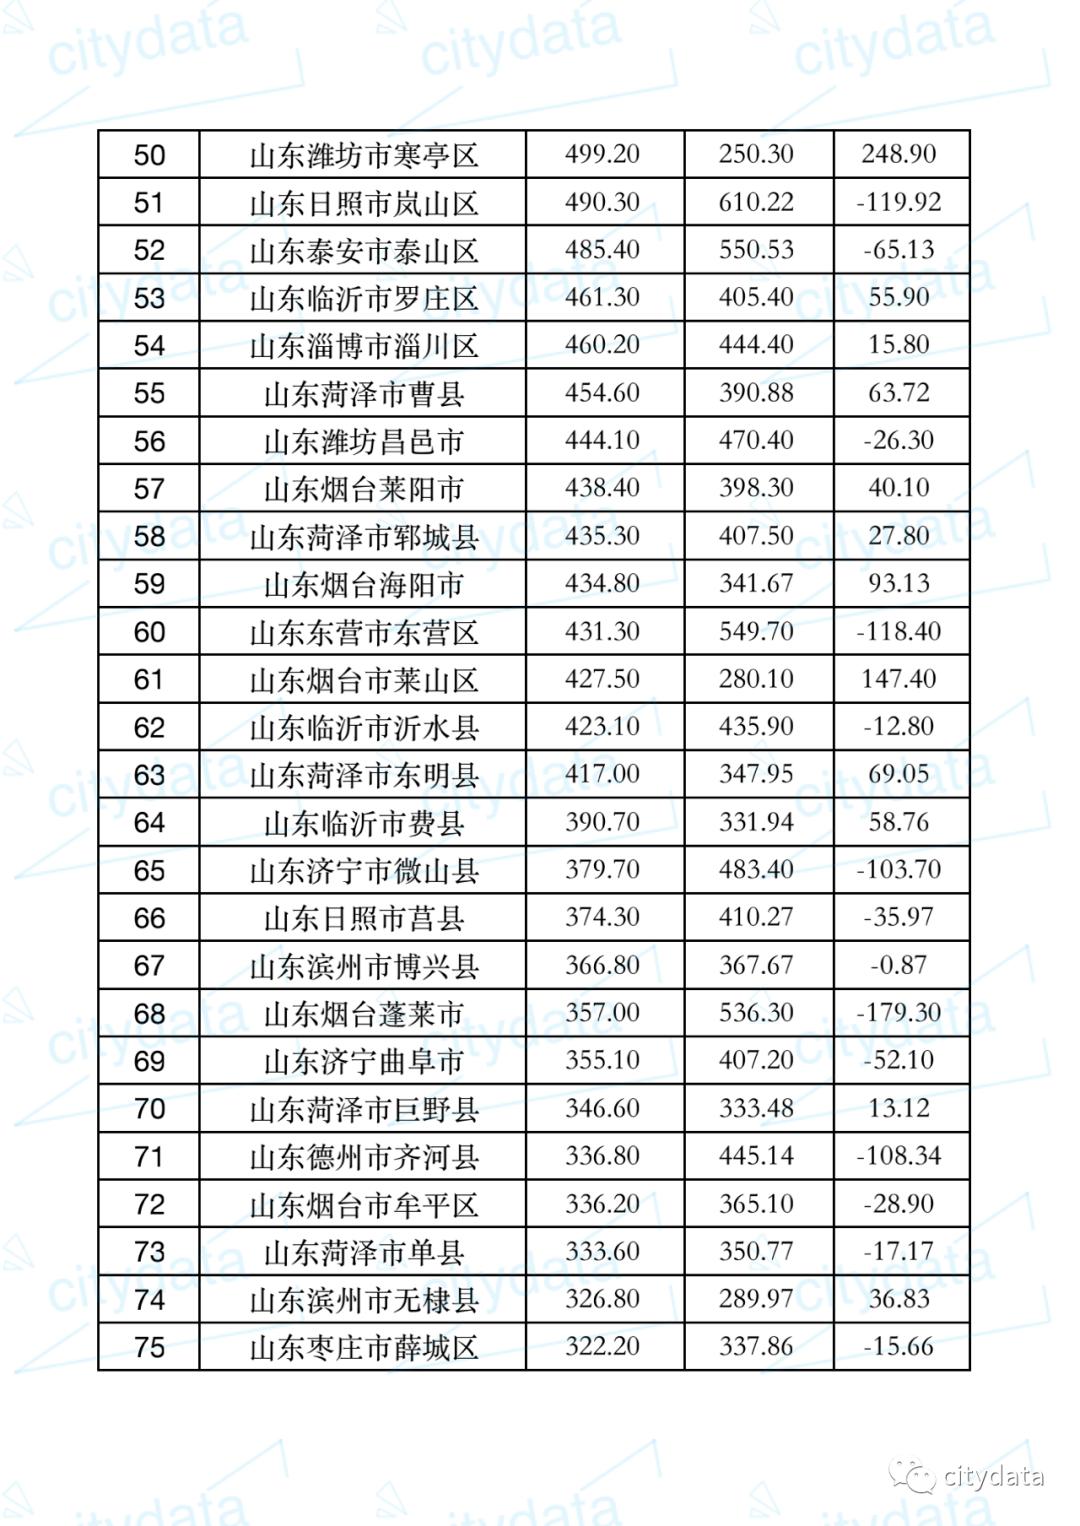 山东区县gdp排名_2020年上半年山东省各地区GDP排名